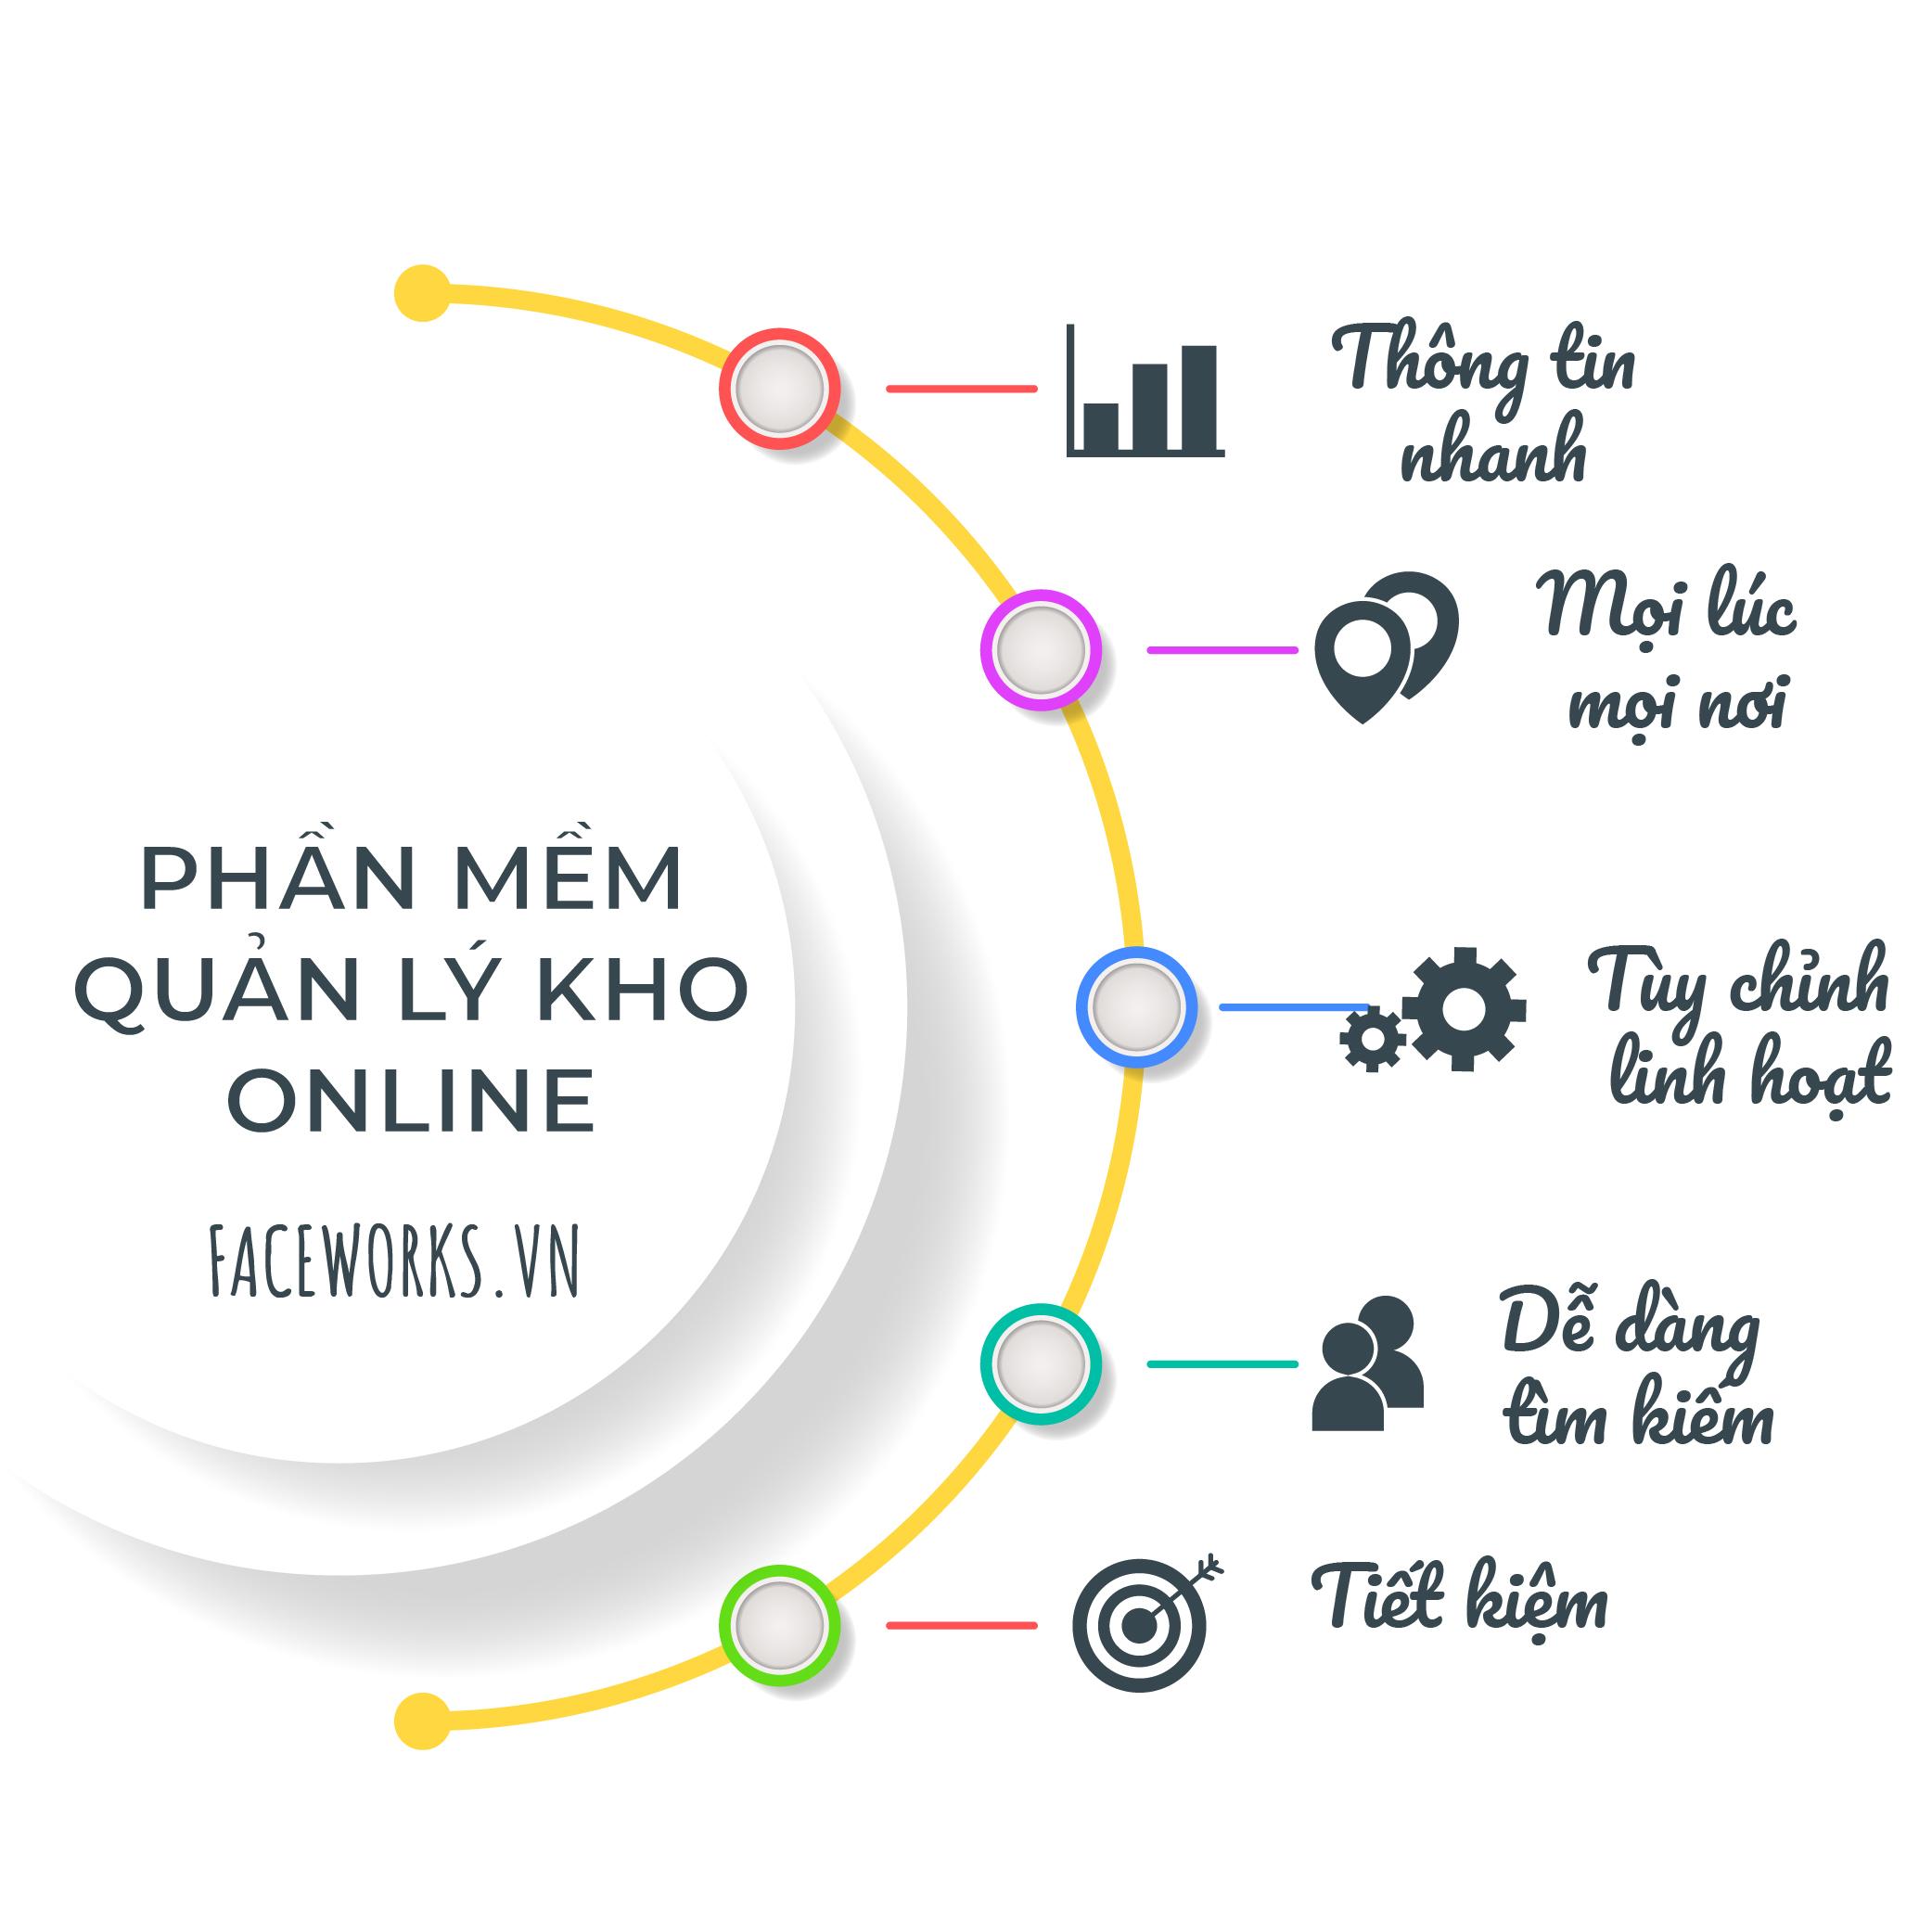 phan-mem-quan-ly-kho-online-01